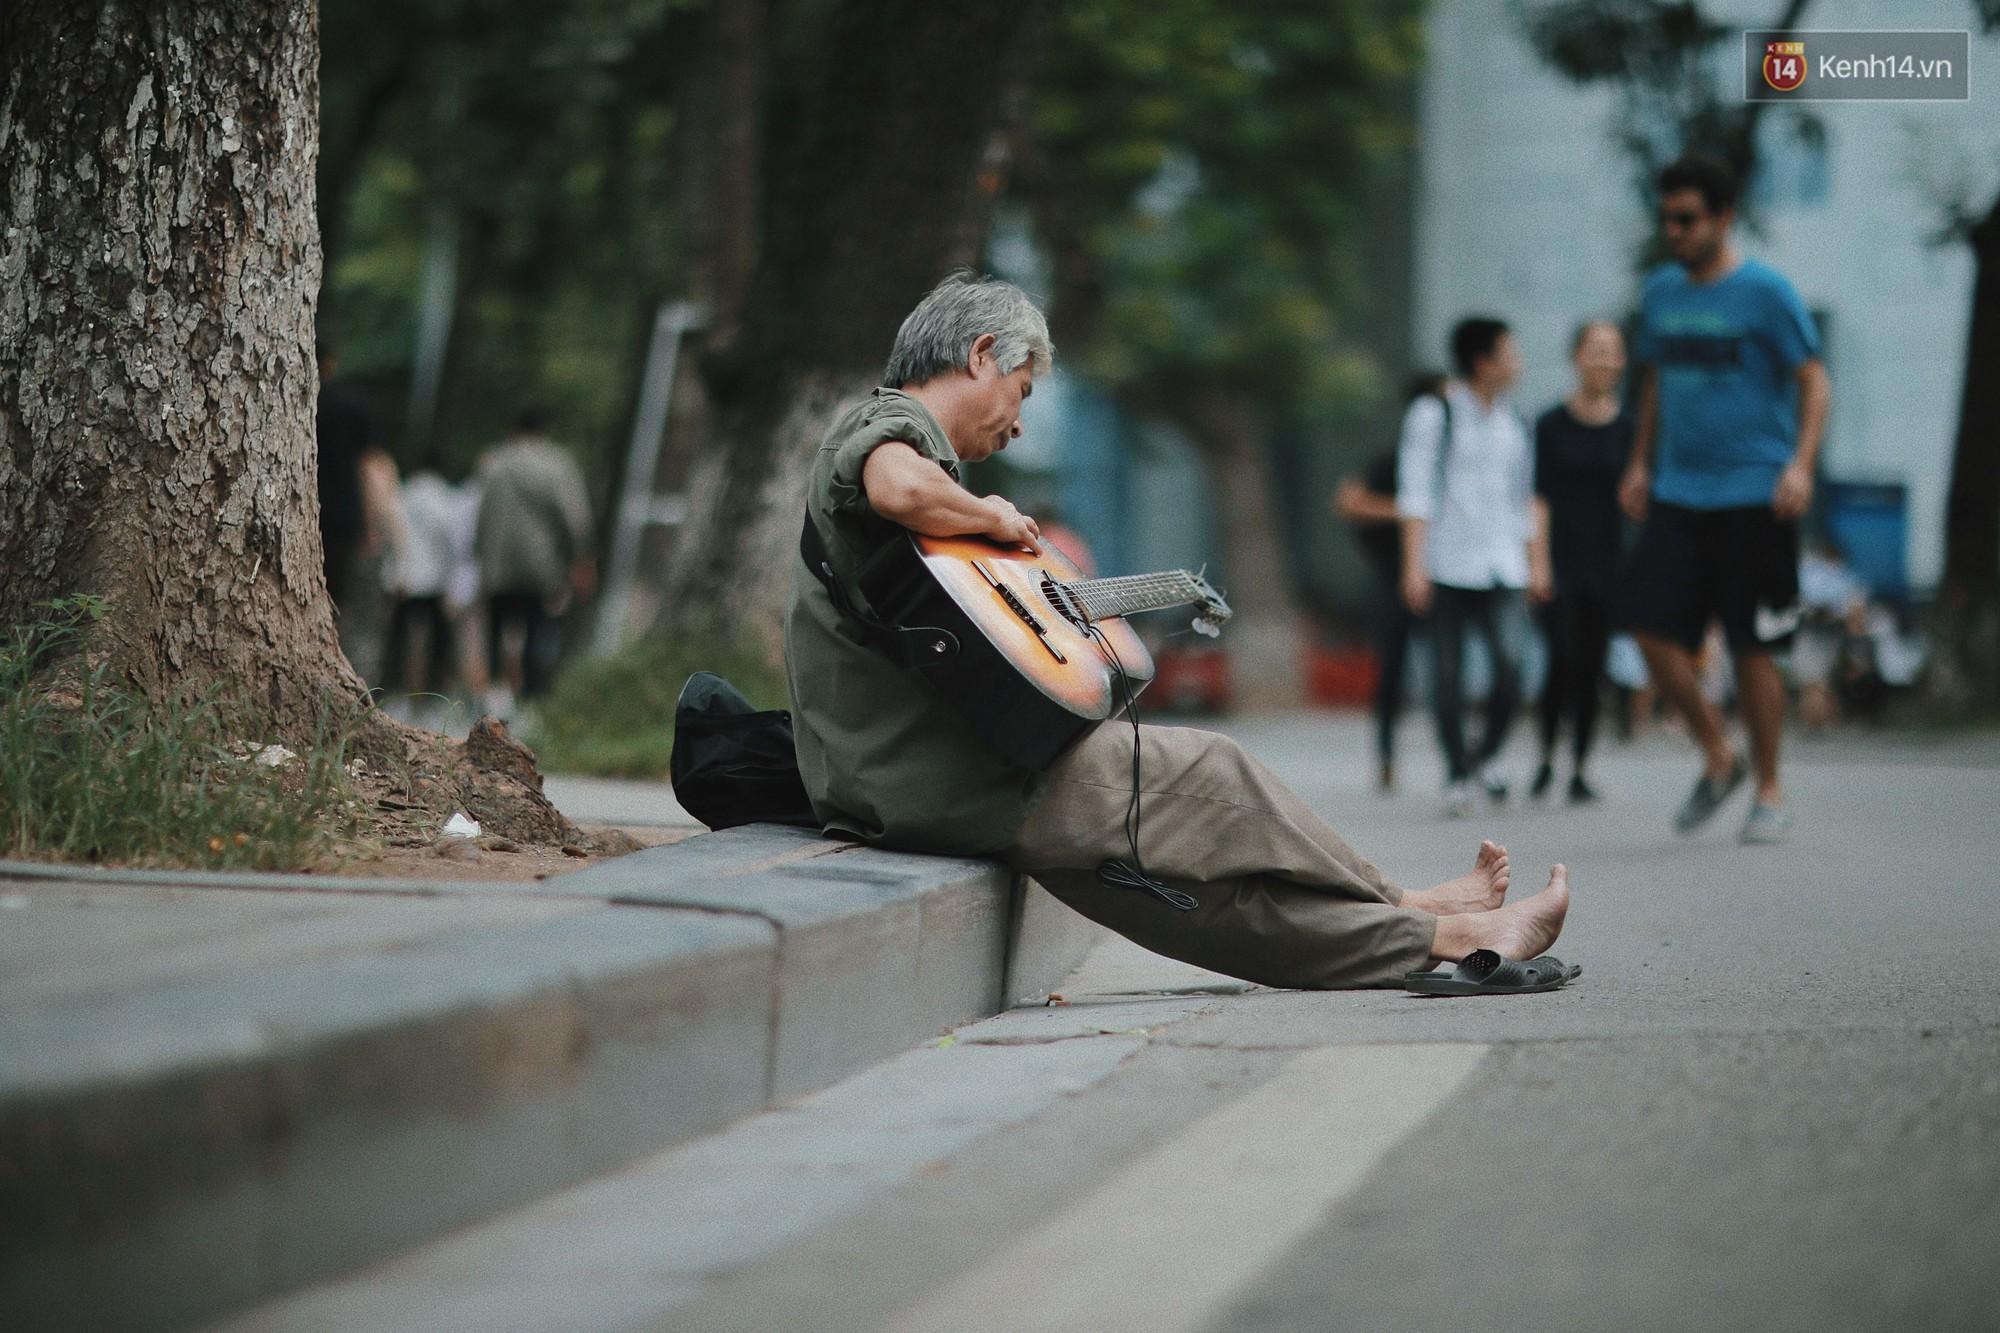 Có một Hà Nội luôn bình yên và khiến người ta sống chậm lại mỗi khi thu về - Ảnh 5.